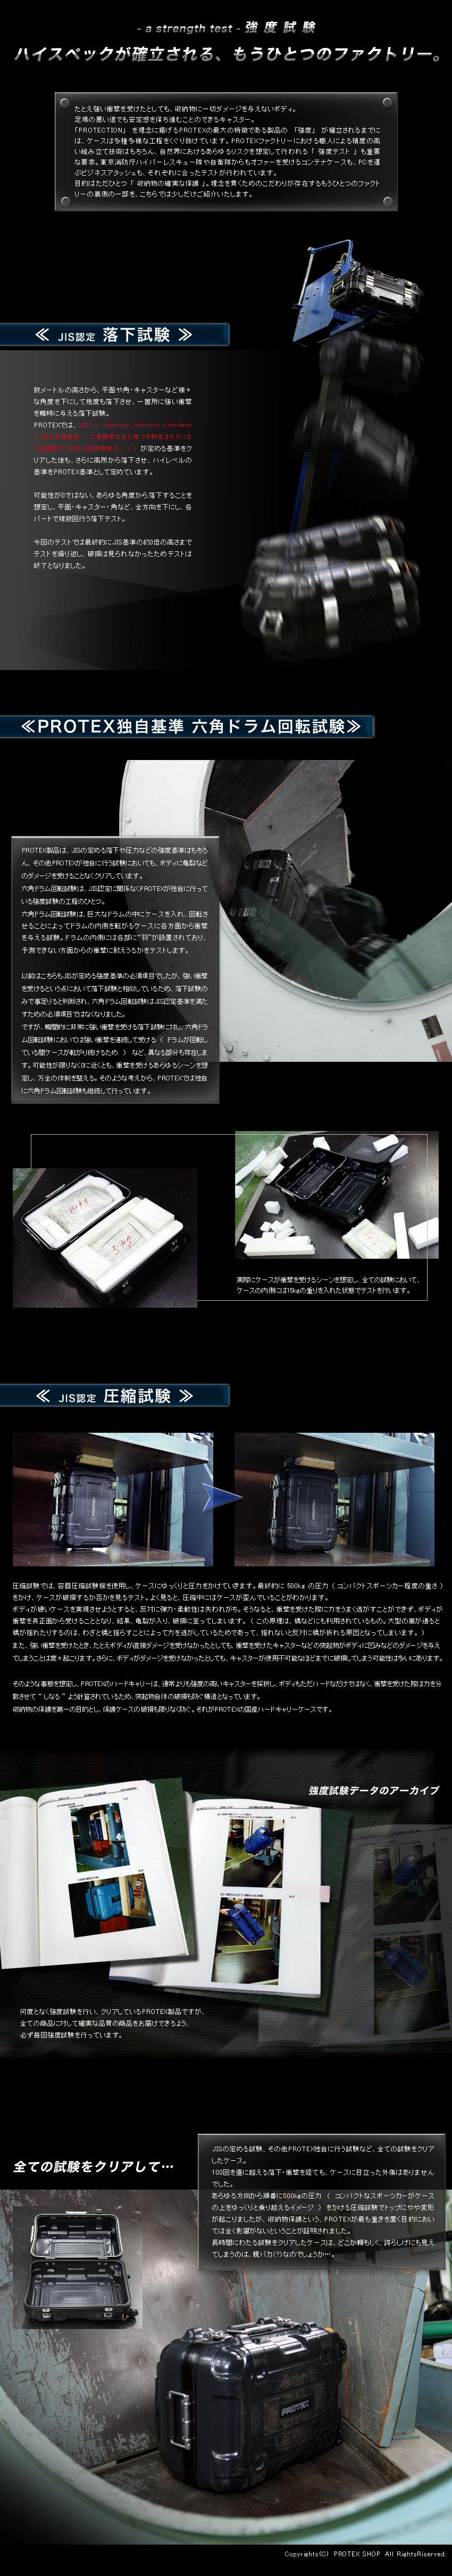 80ab9d8485 機内持ち込み対応>容量約27L・フルスペック国産ハードキャリーケース ウレタン · 86,000円(税別)